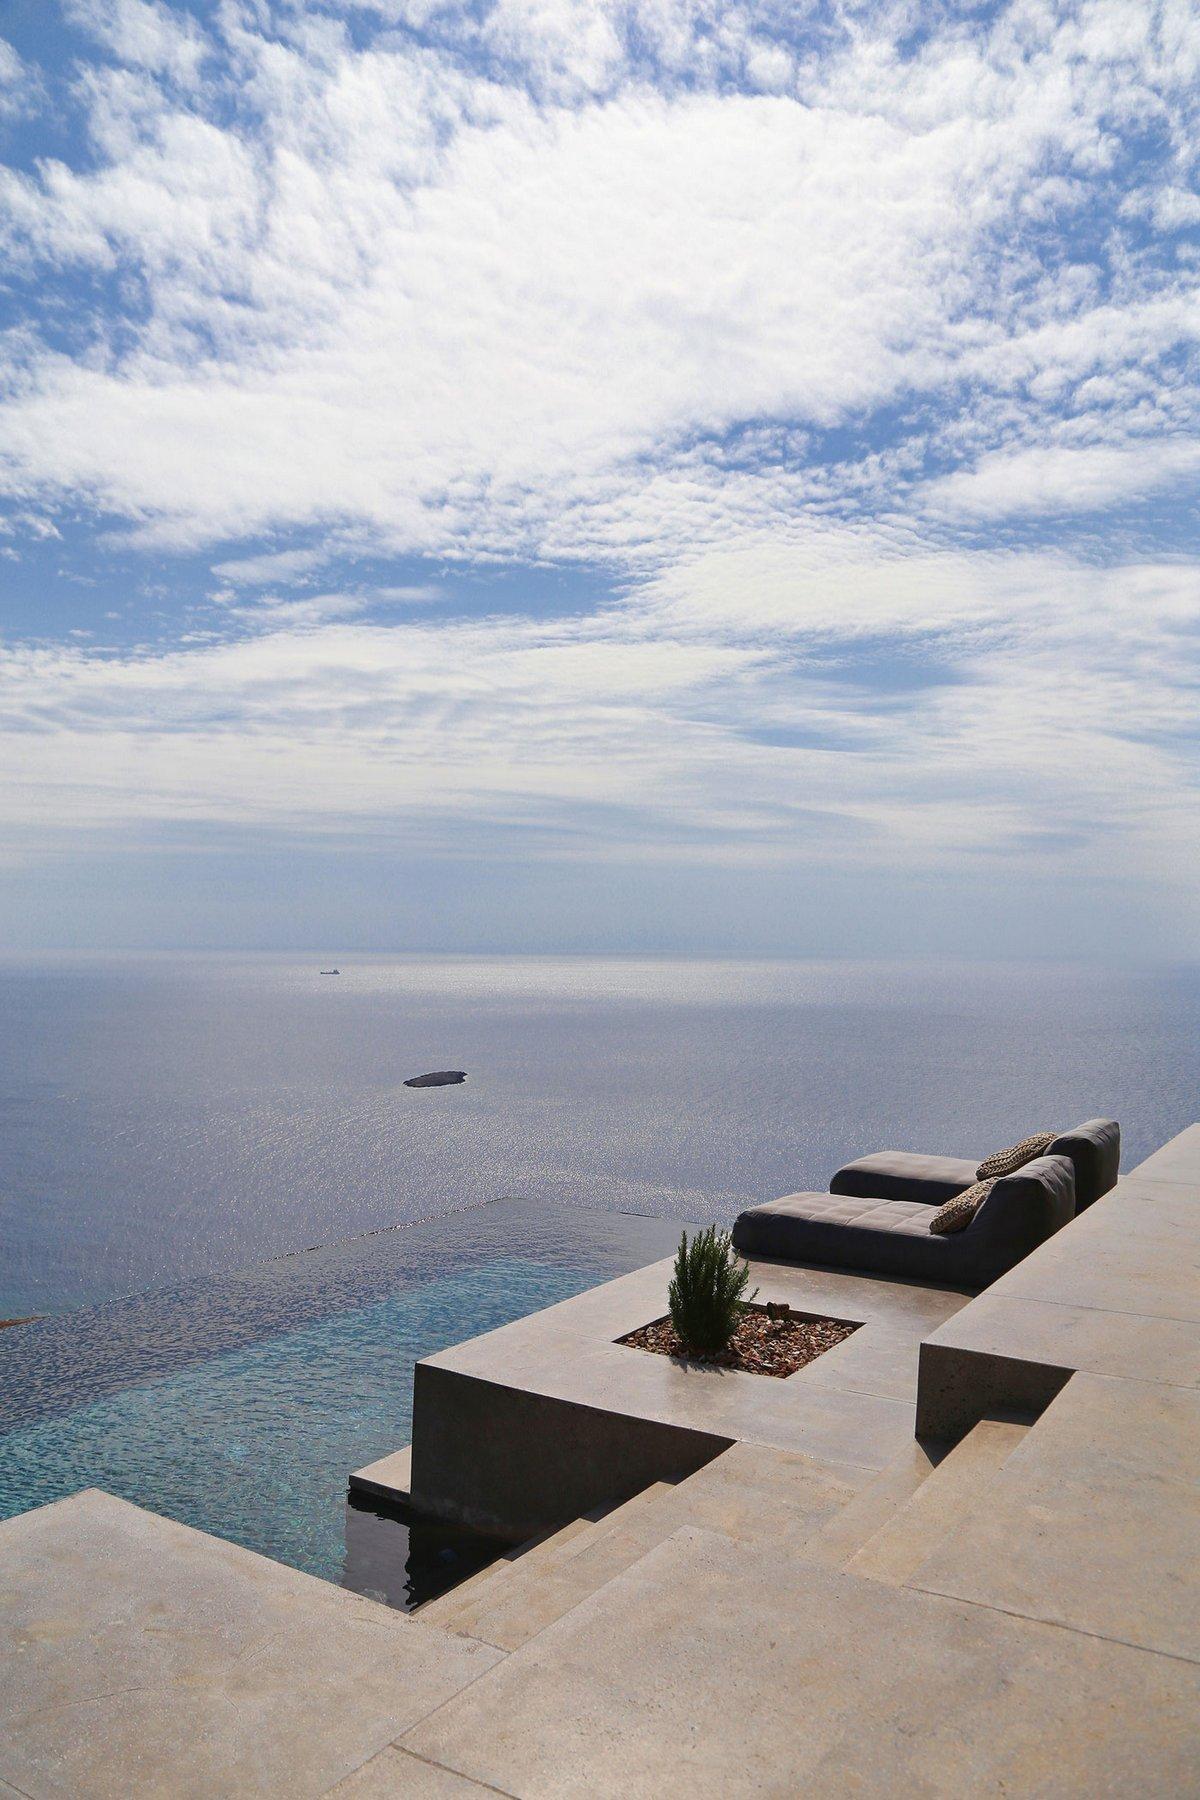 block722, резиденция на острове, особняк в Греции, дом на скале, дом с видом на море, дом на берегу Средиземного моря, резиденция с видом на море